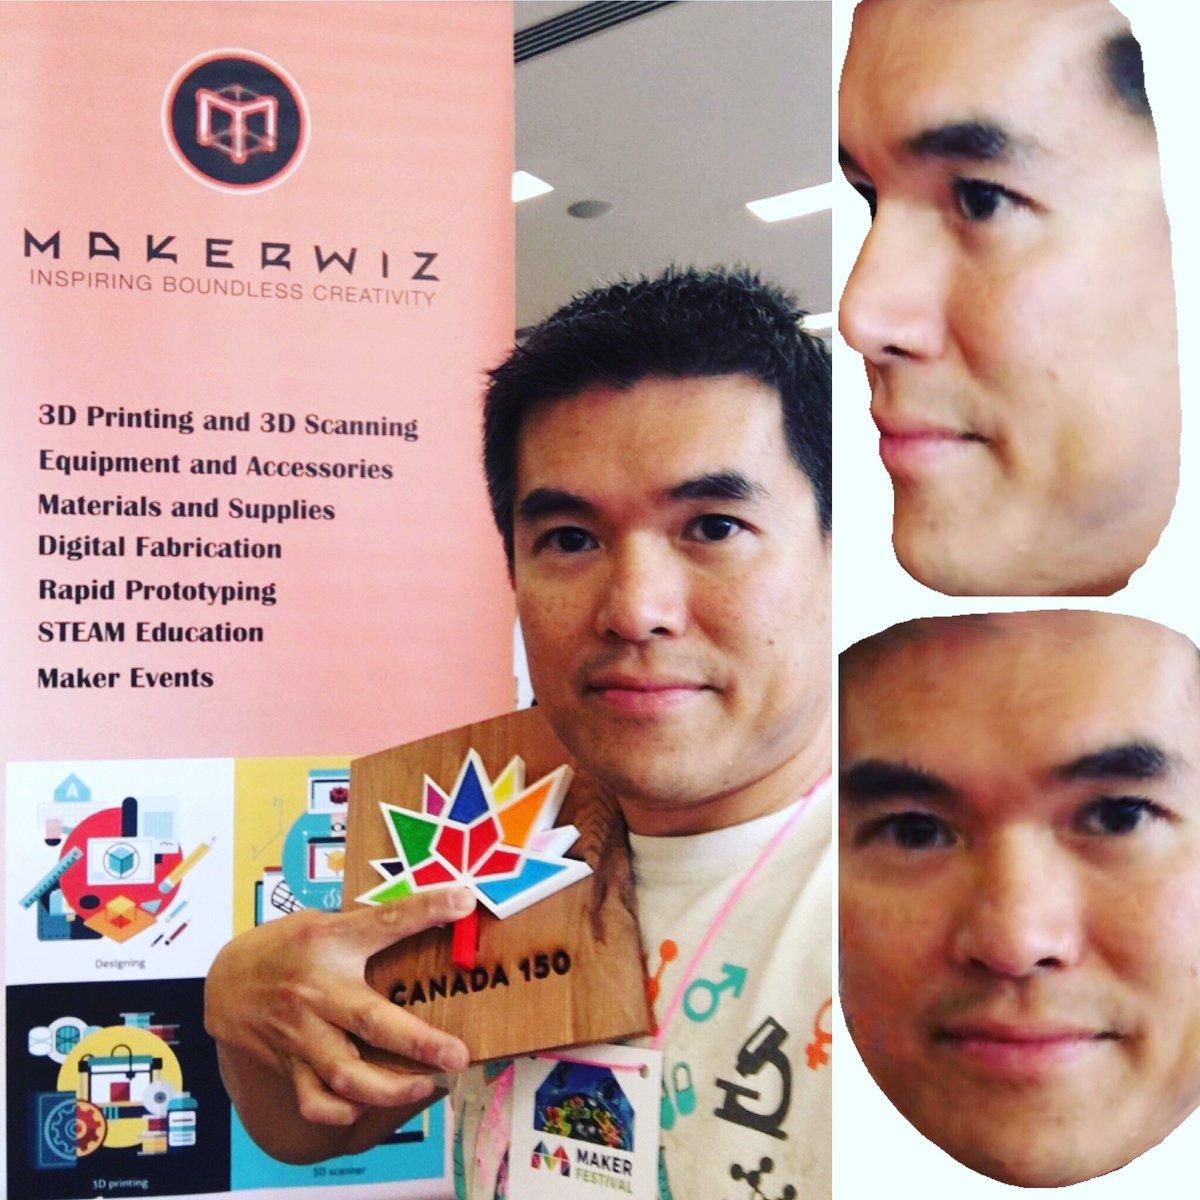 Makerwiz on Twitter: